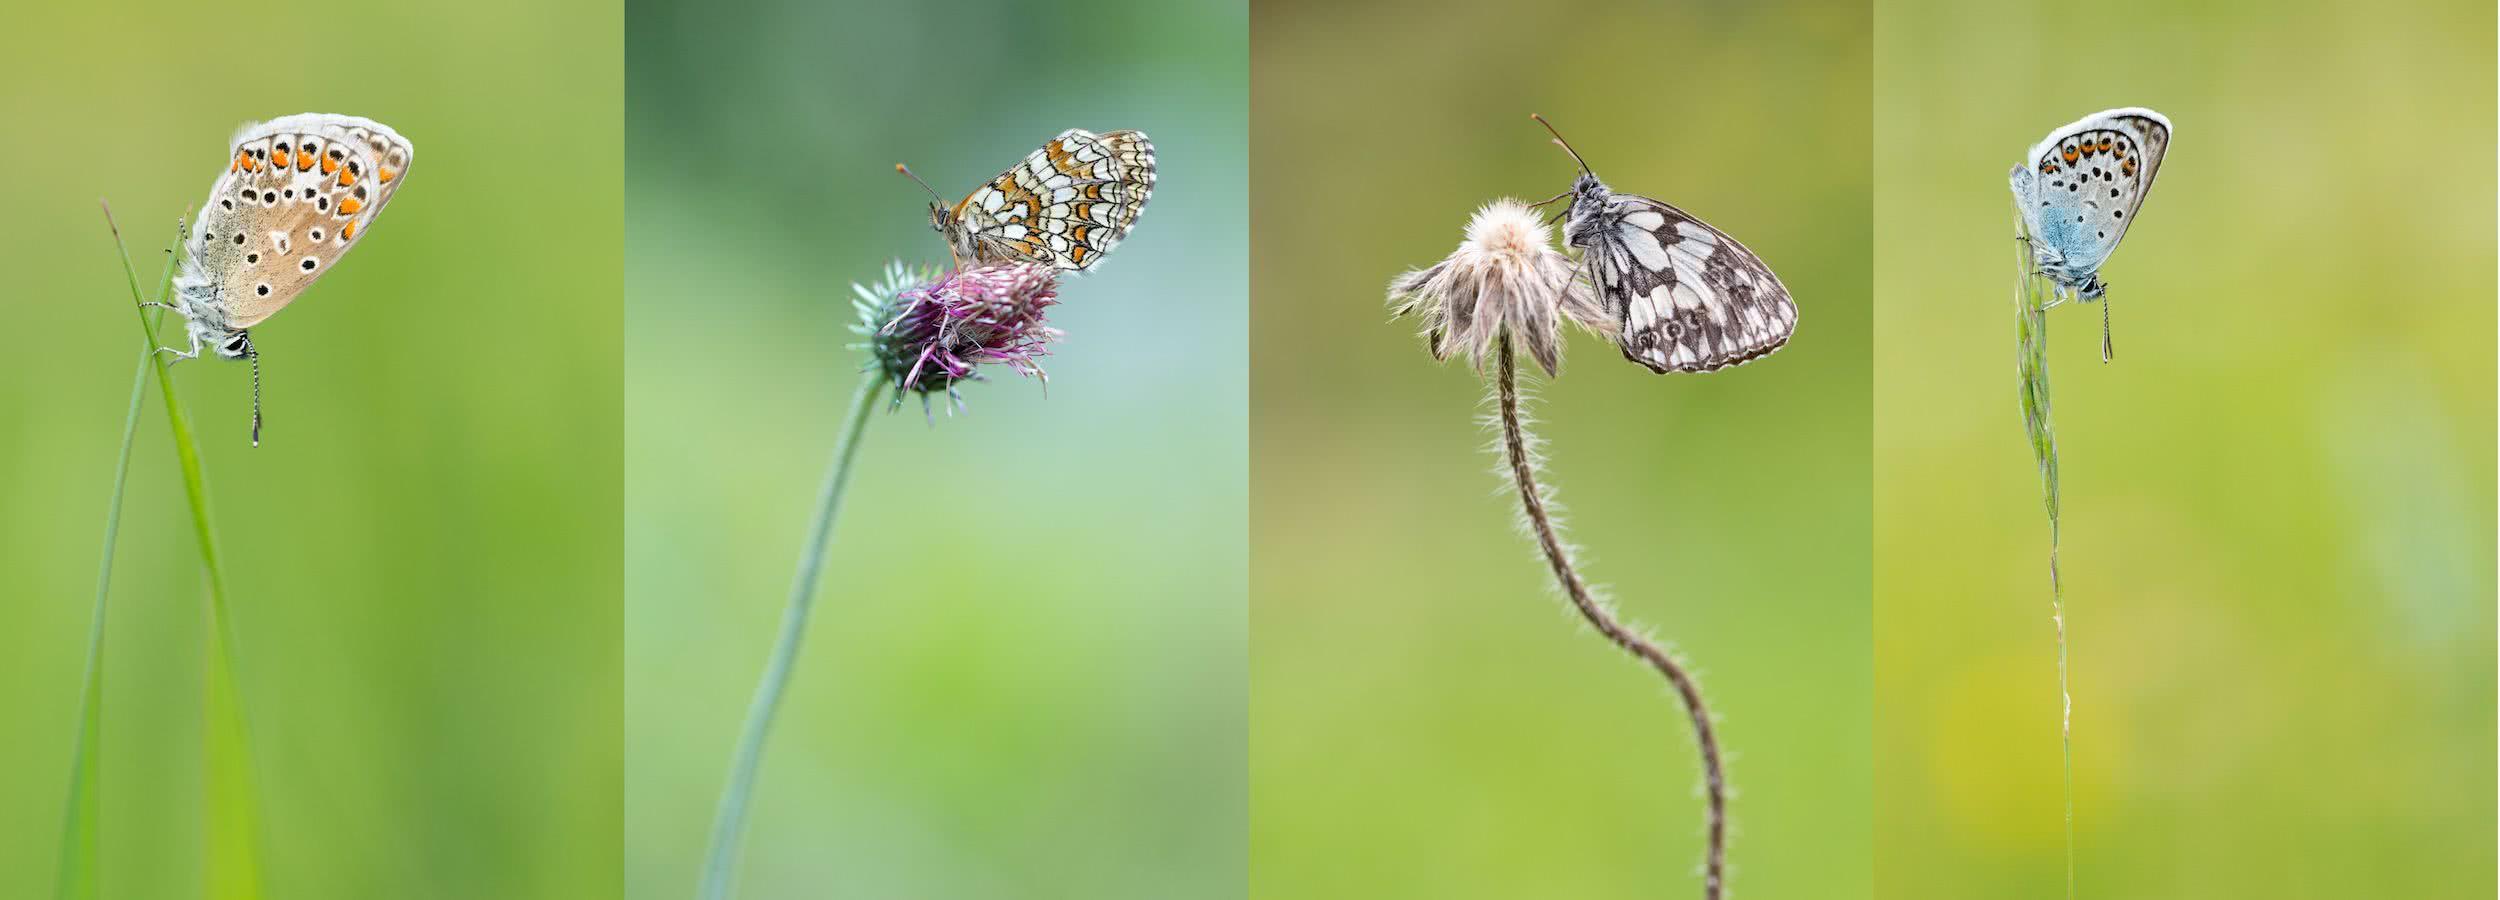 Schmetterlinge in der freien Natur fotografieren